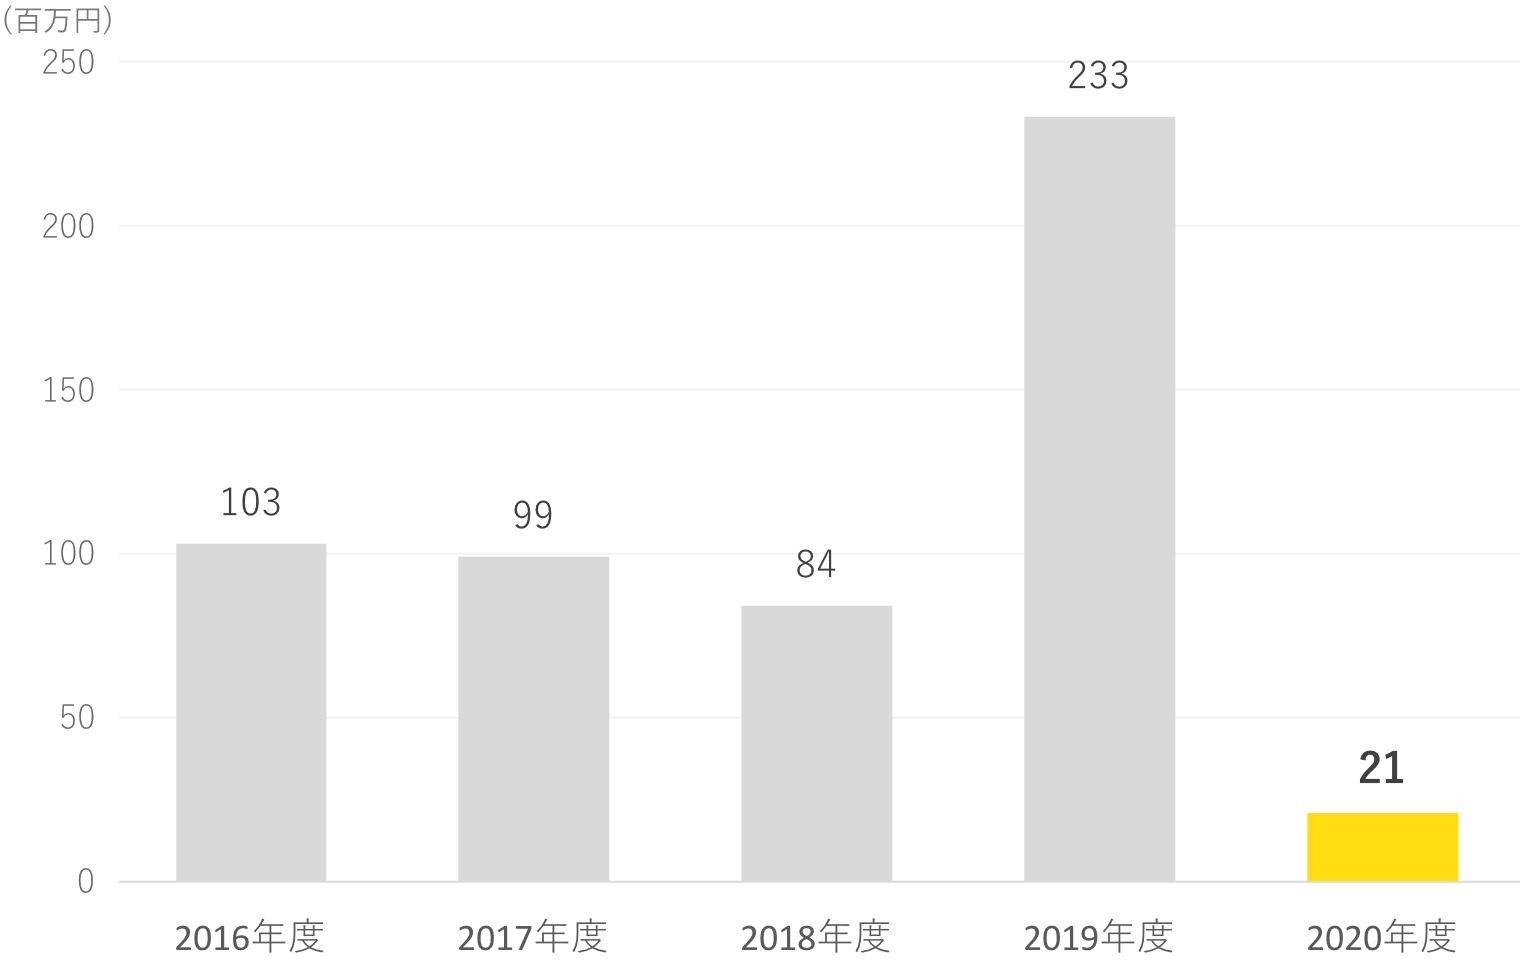 ナビタス株式会社 営業利益グラフ